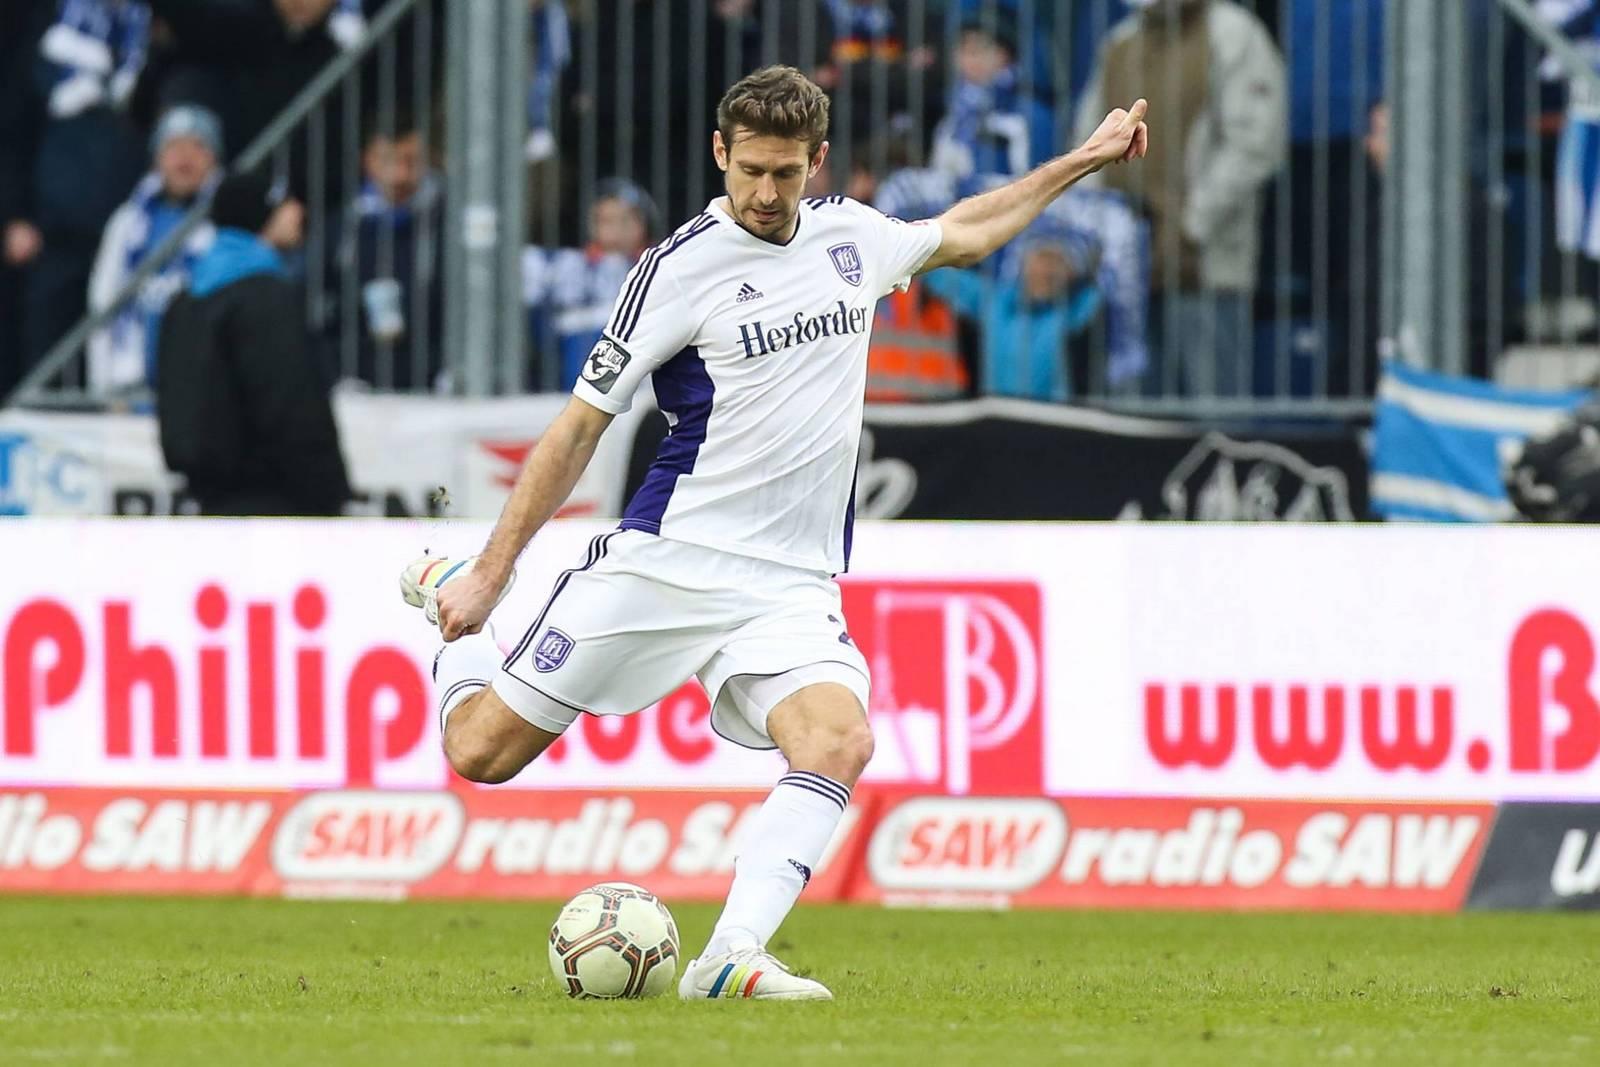 Tobias Willers vom VfL Osnabrück